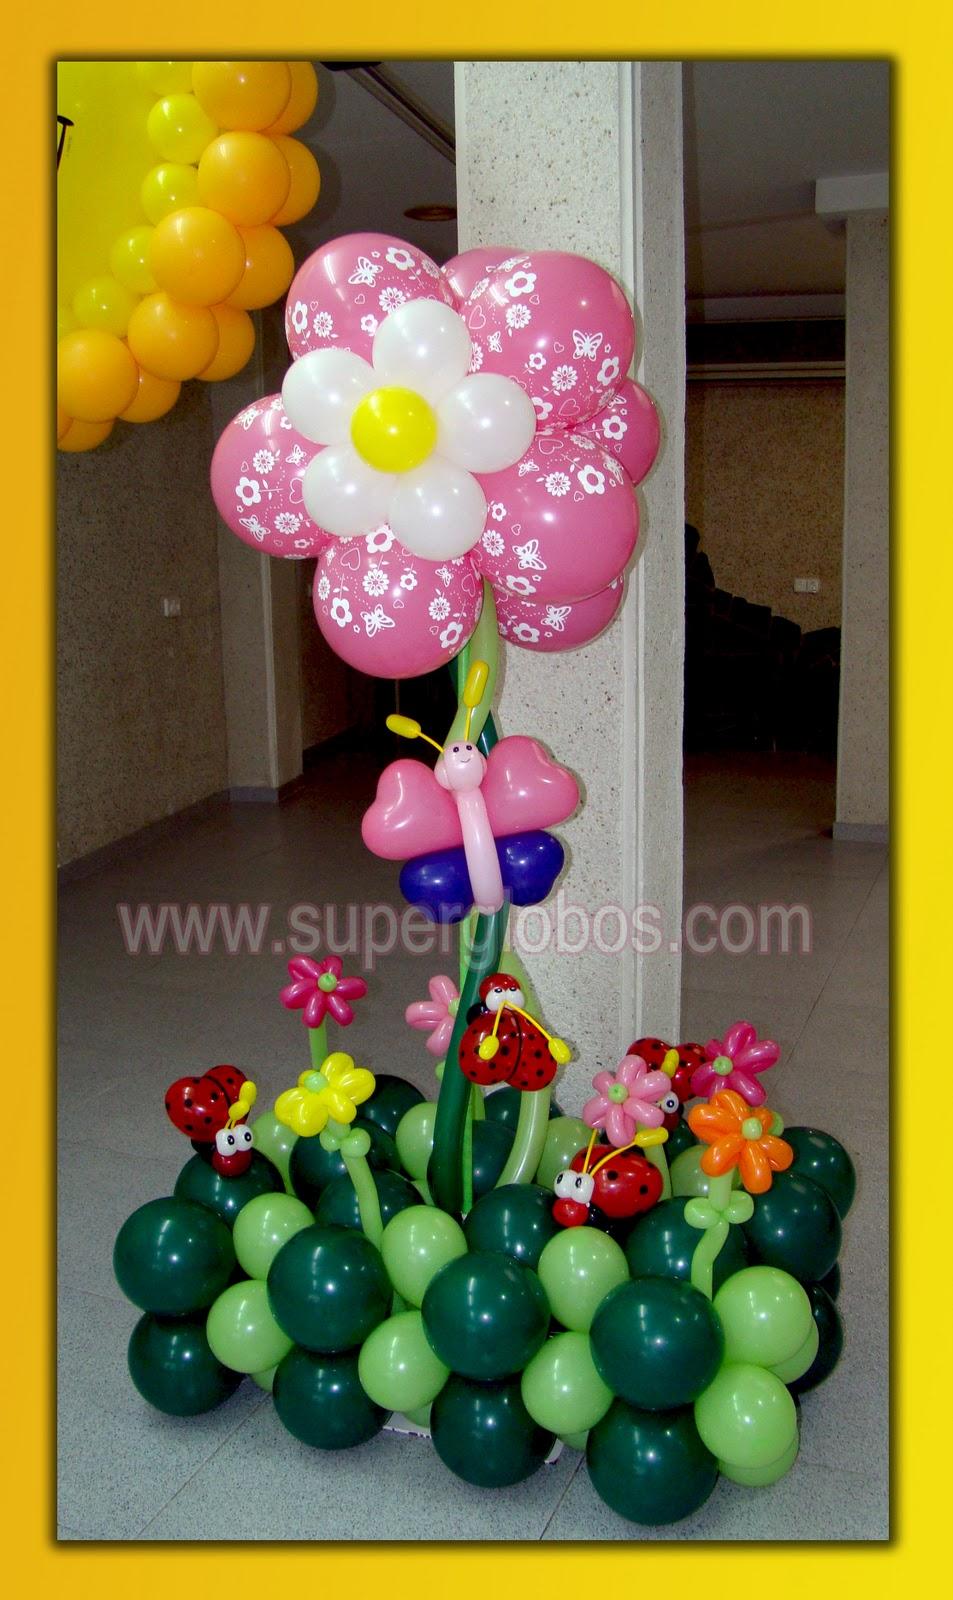 Dise os con globos para fiestas infantiles decoraci n - Adornos con globos para fiestas ...